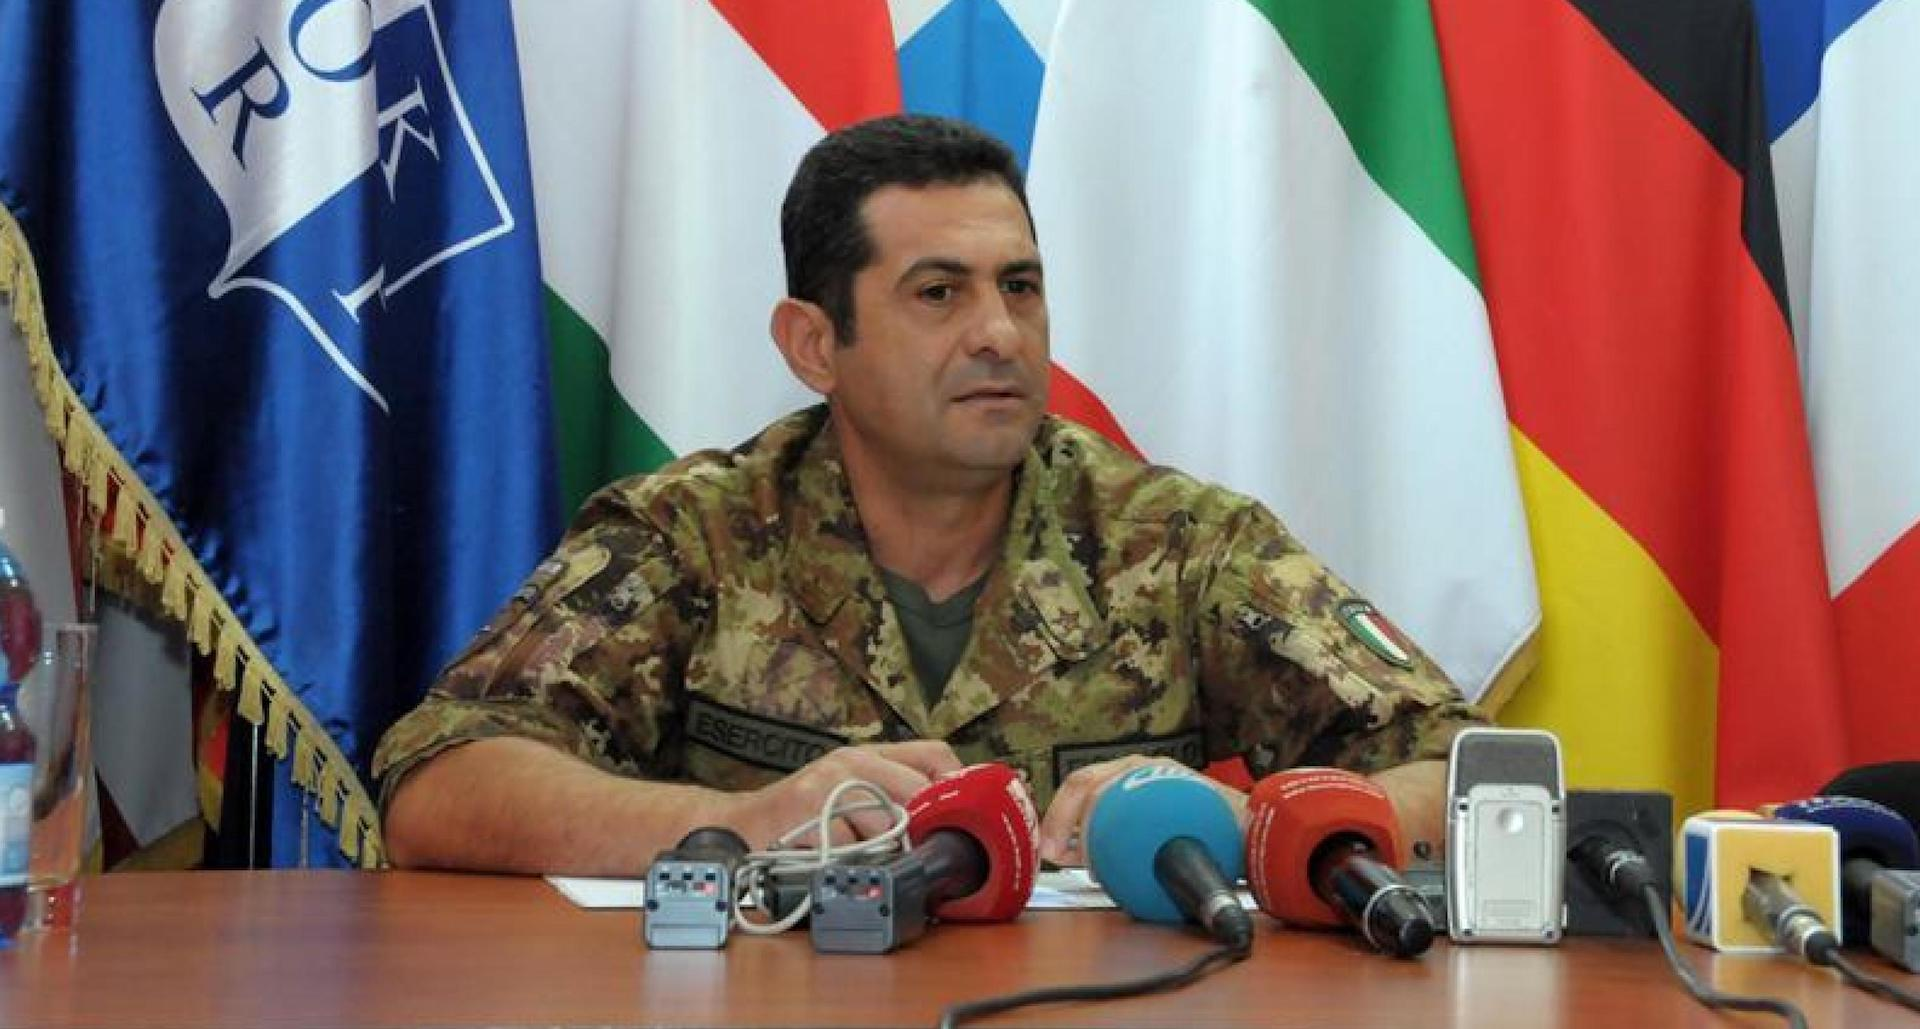 Le tre lauree, la passione per lo sci, le missioni all'estero: chi è il generale Figliuolo, nuovo commissario per l'emergenza Covid